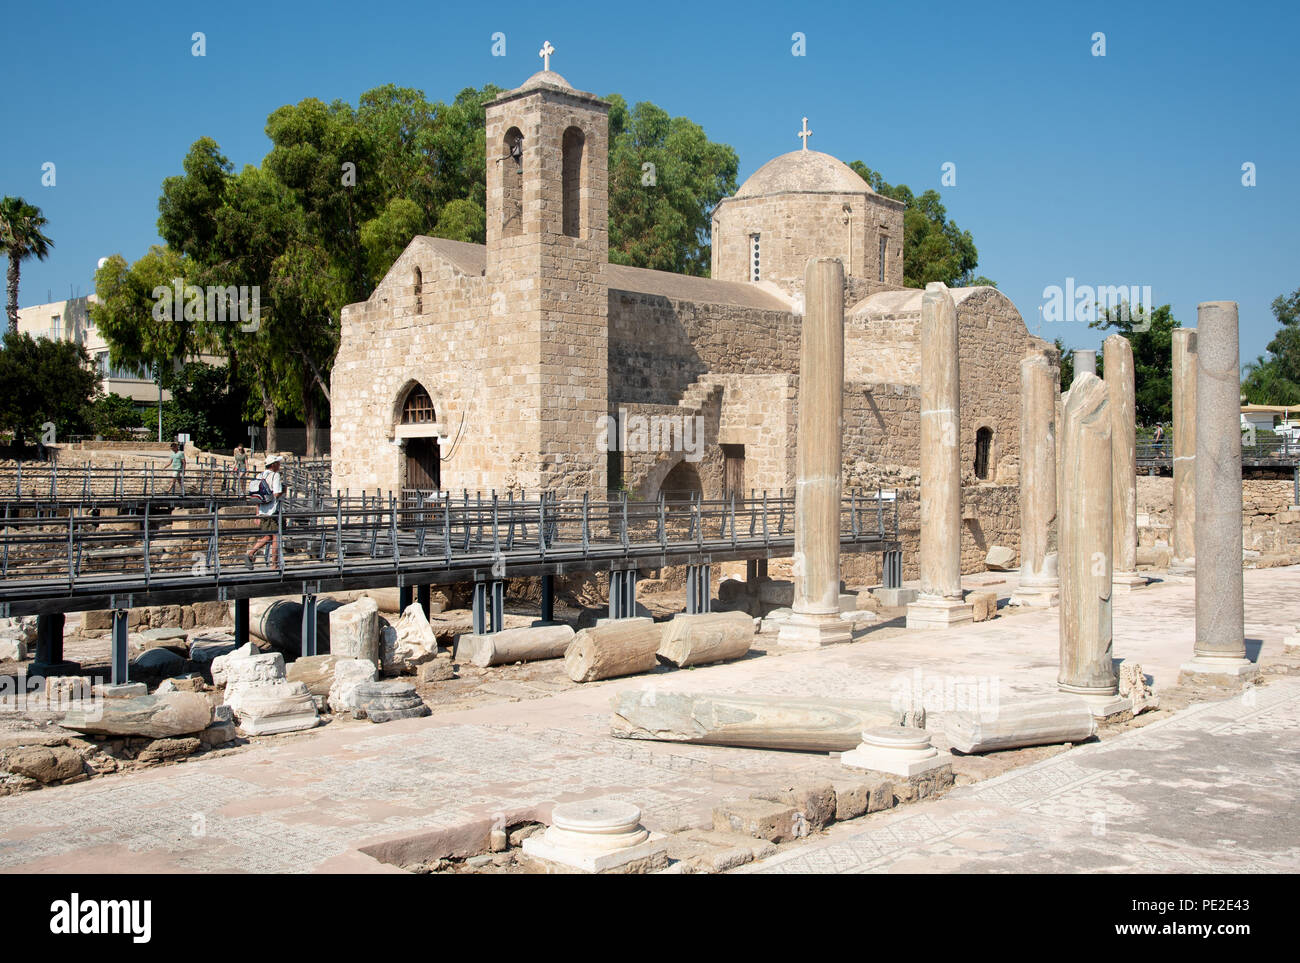 Santo Ortodosso antica chiesa cristiana di Agia Kiriaki Chrysopolitissa a Paphos a Cipro. Immagini Stock